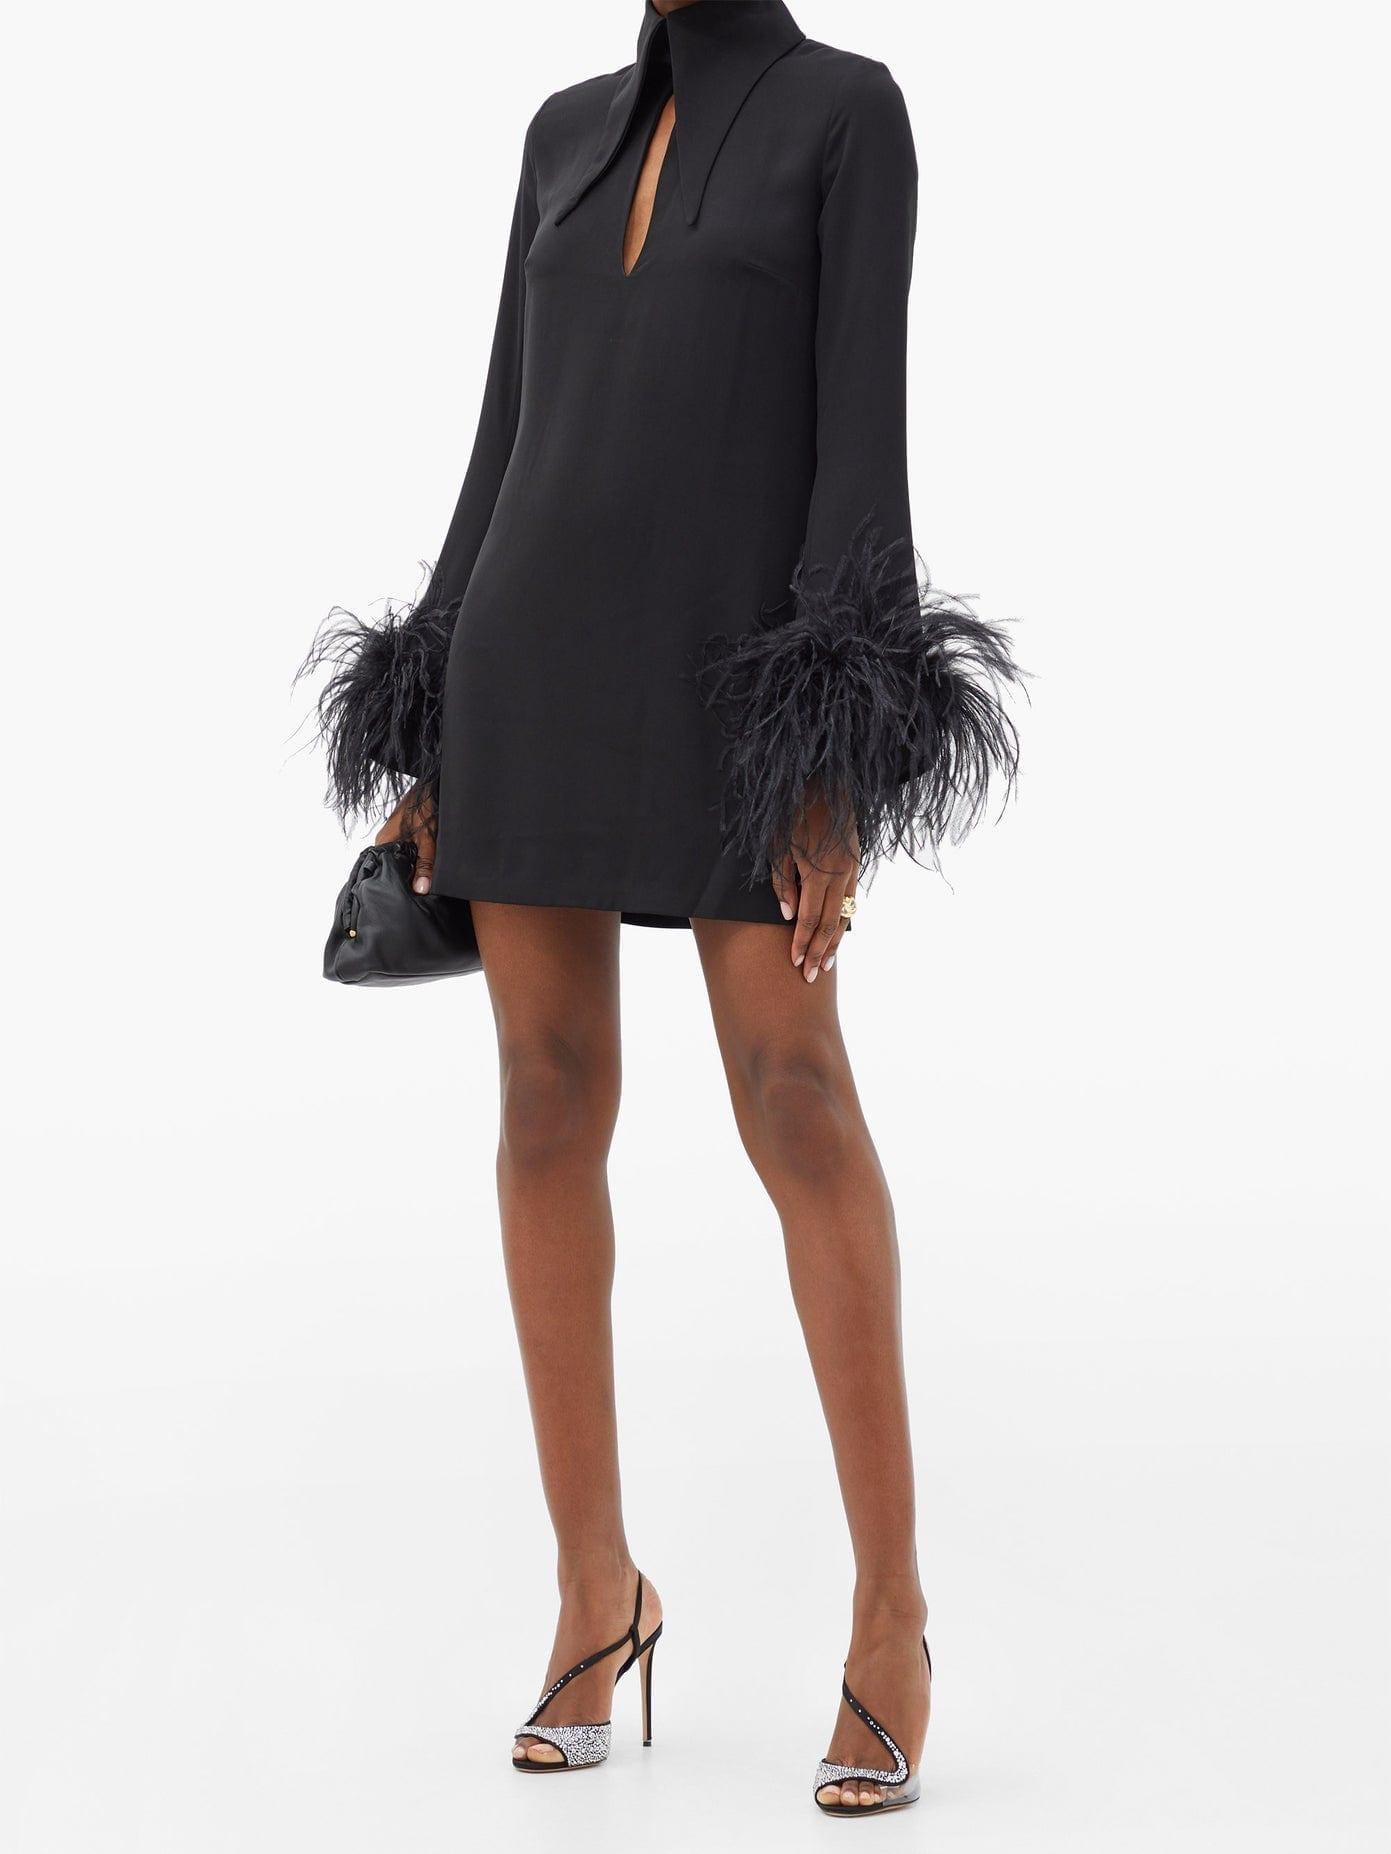 NICHOLAS KIRKWOOD S Crystal Embellished Slingback Leather Sandals